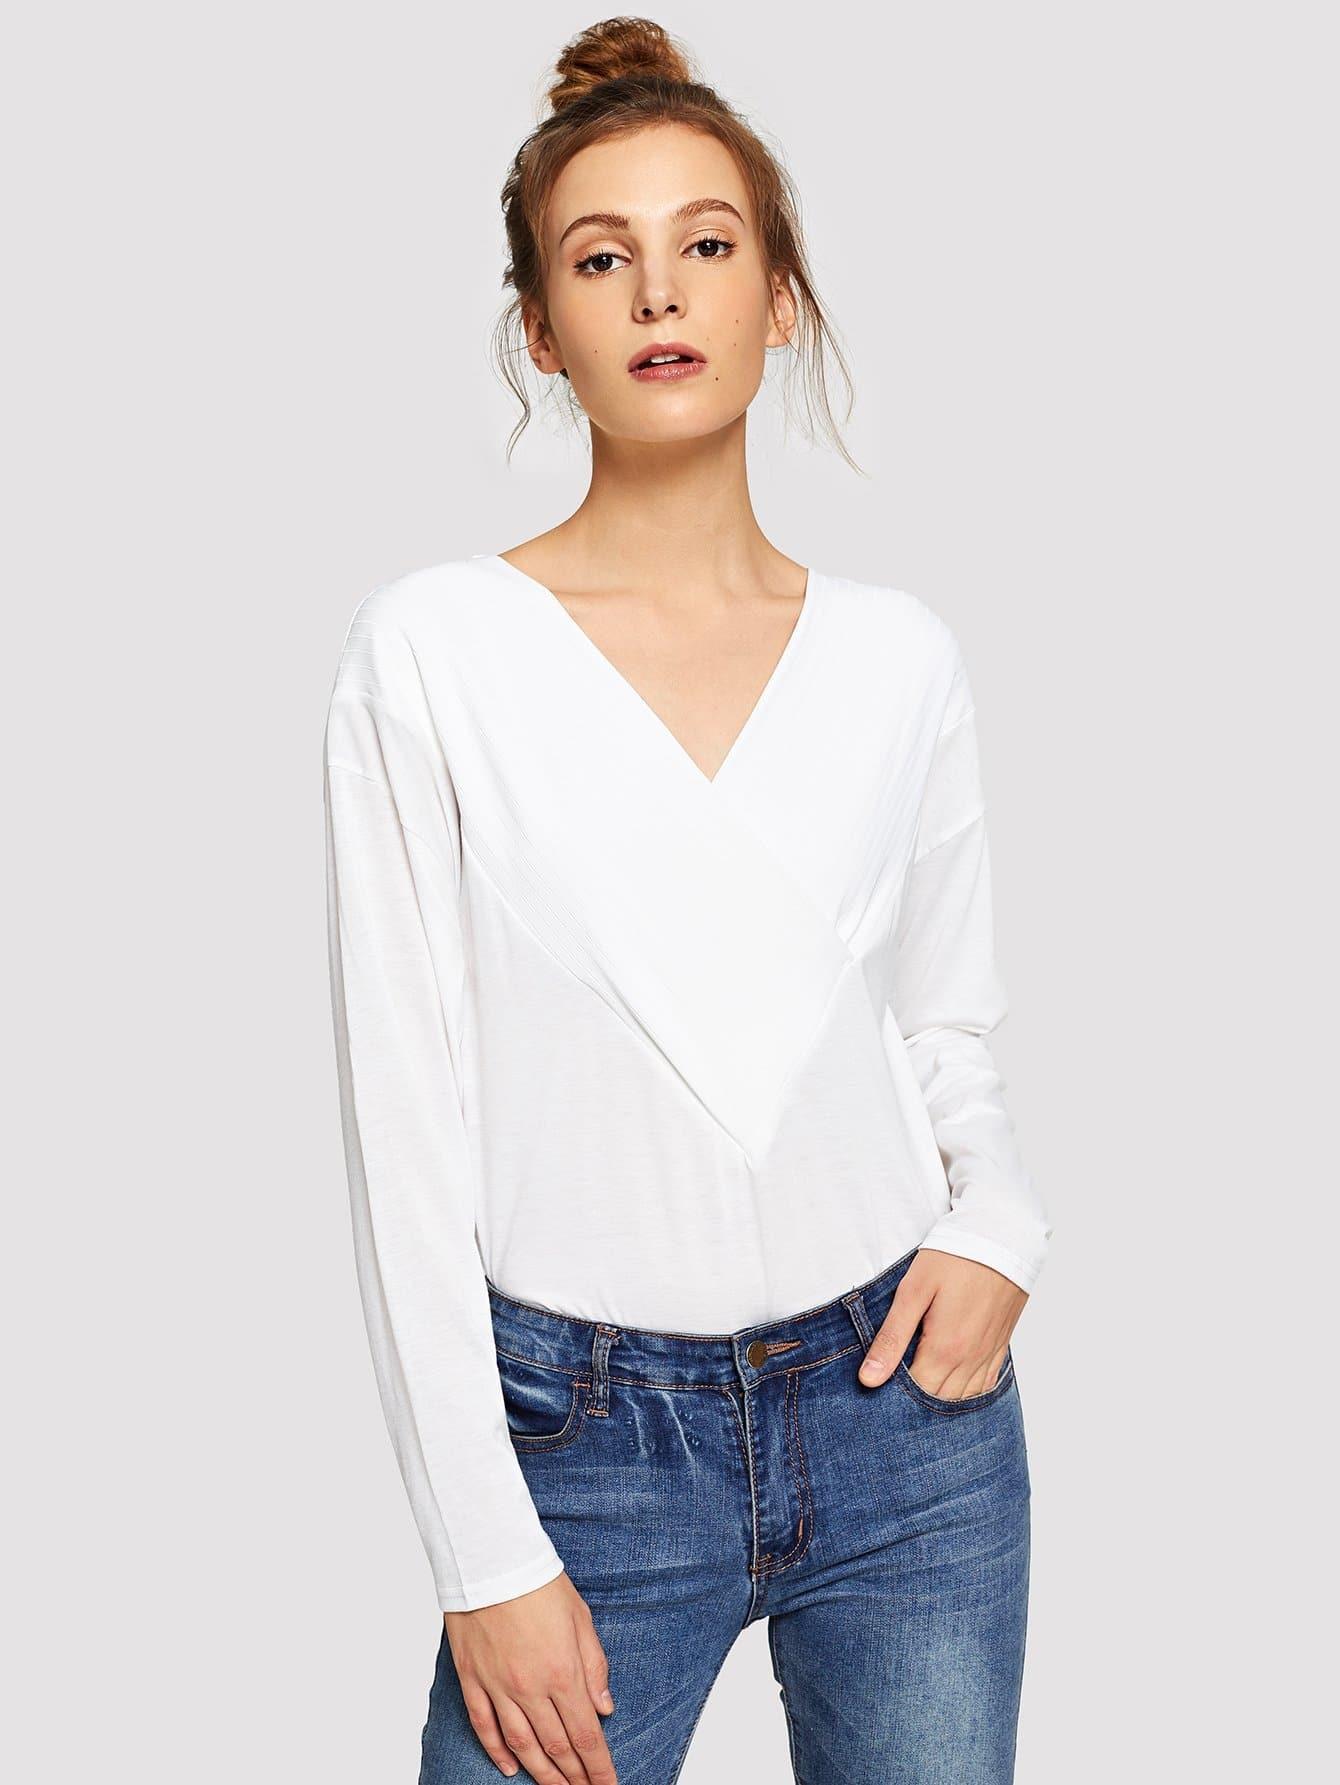 Купить Однотонная футболка с V-образным вырезом, Galina, SheIn